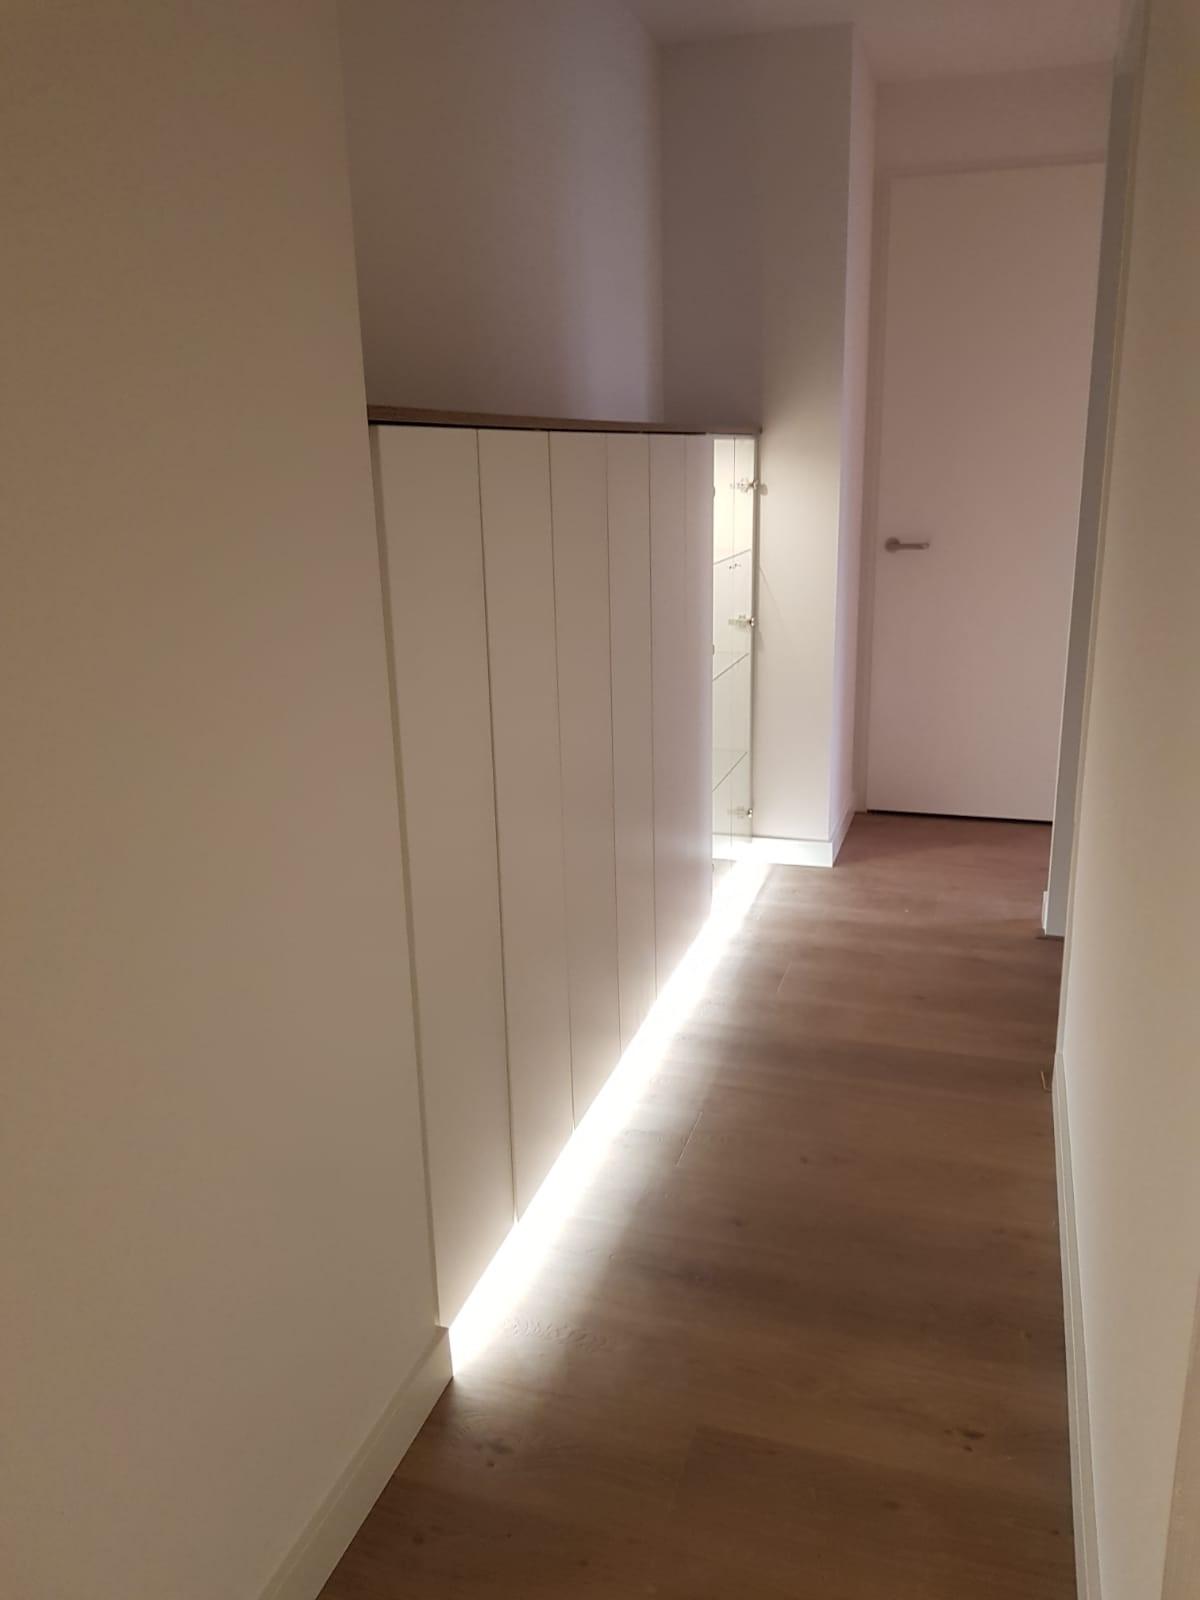 Licht En Interieur.Kast In De Gang Met Licht En Deuren Arti Interieur